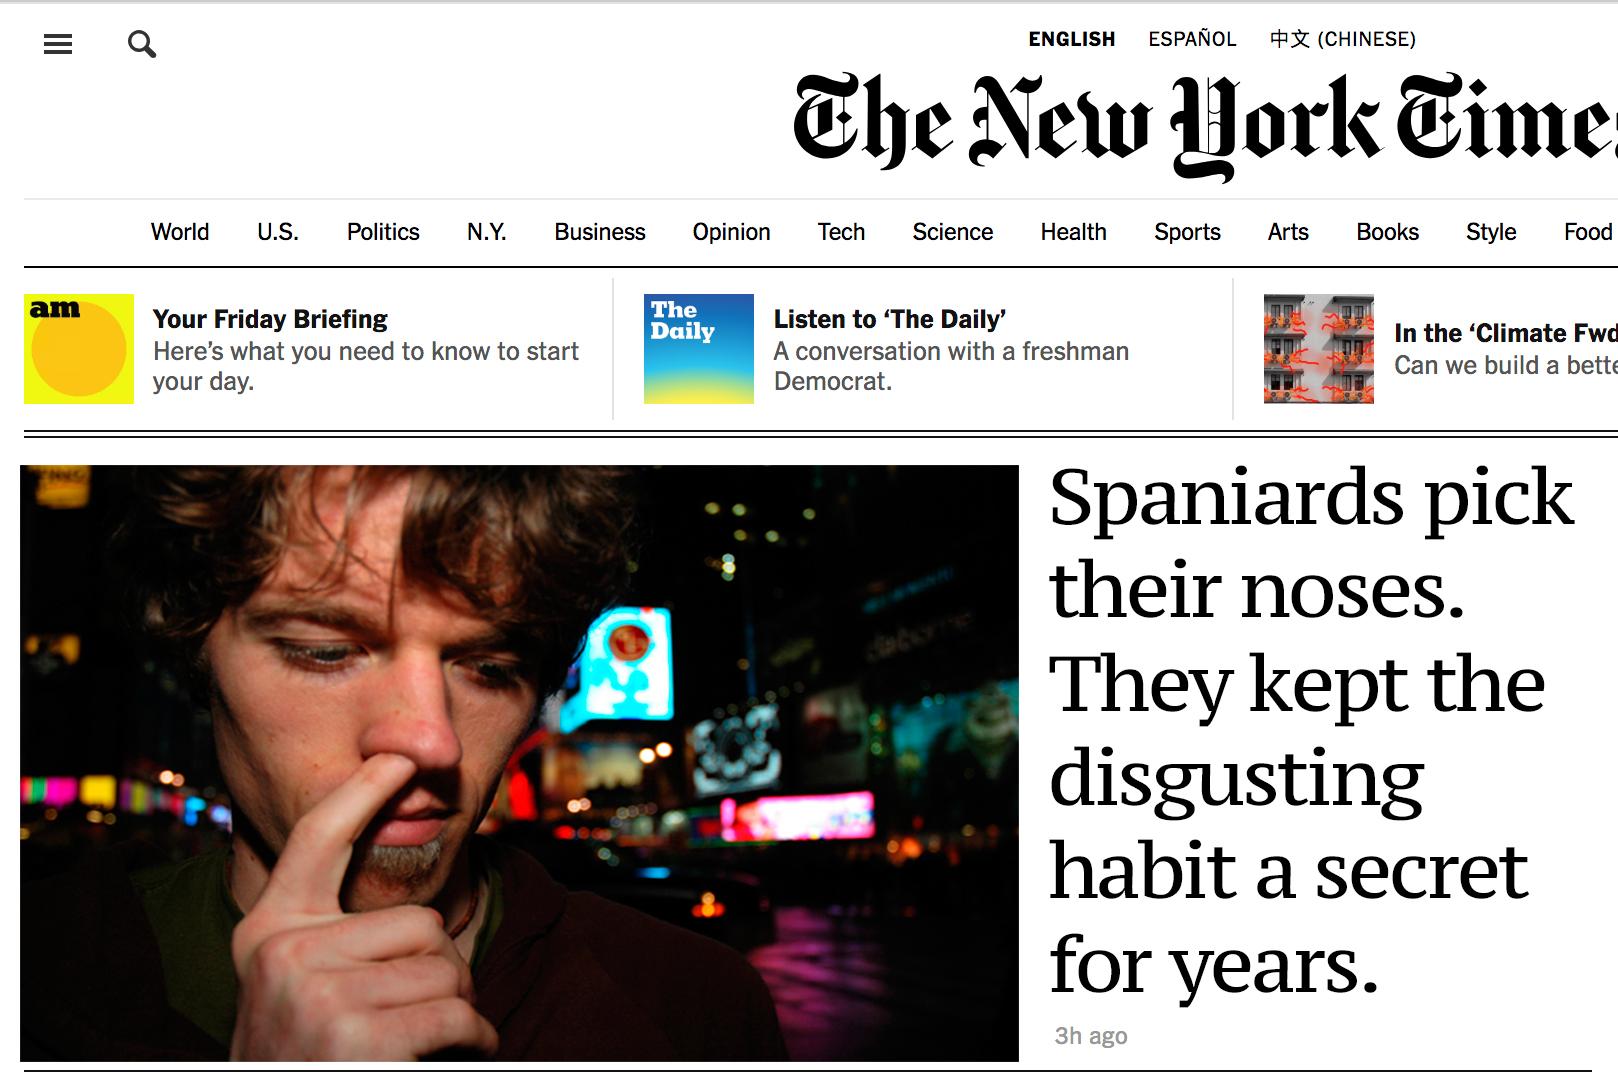 Los extranjeros descubren con asco que los españoles nos sacamos los mocos